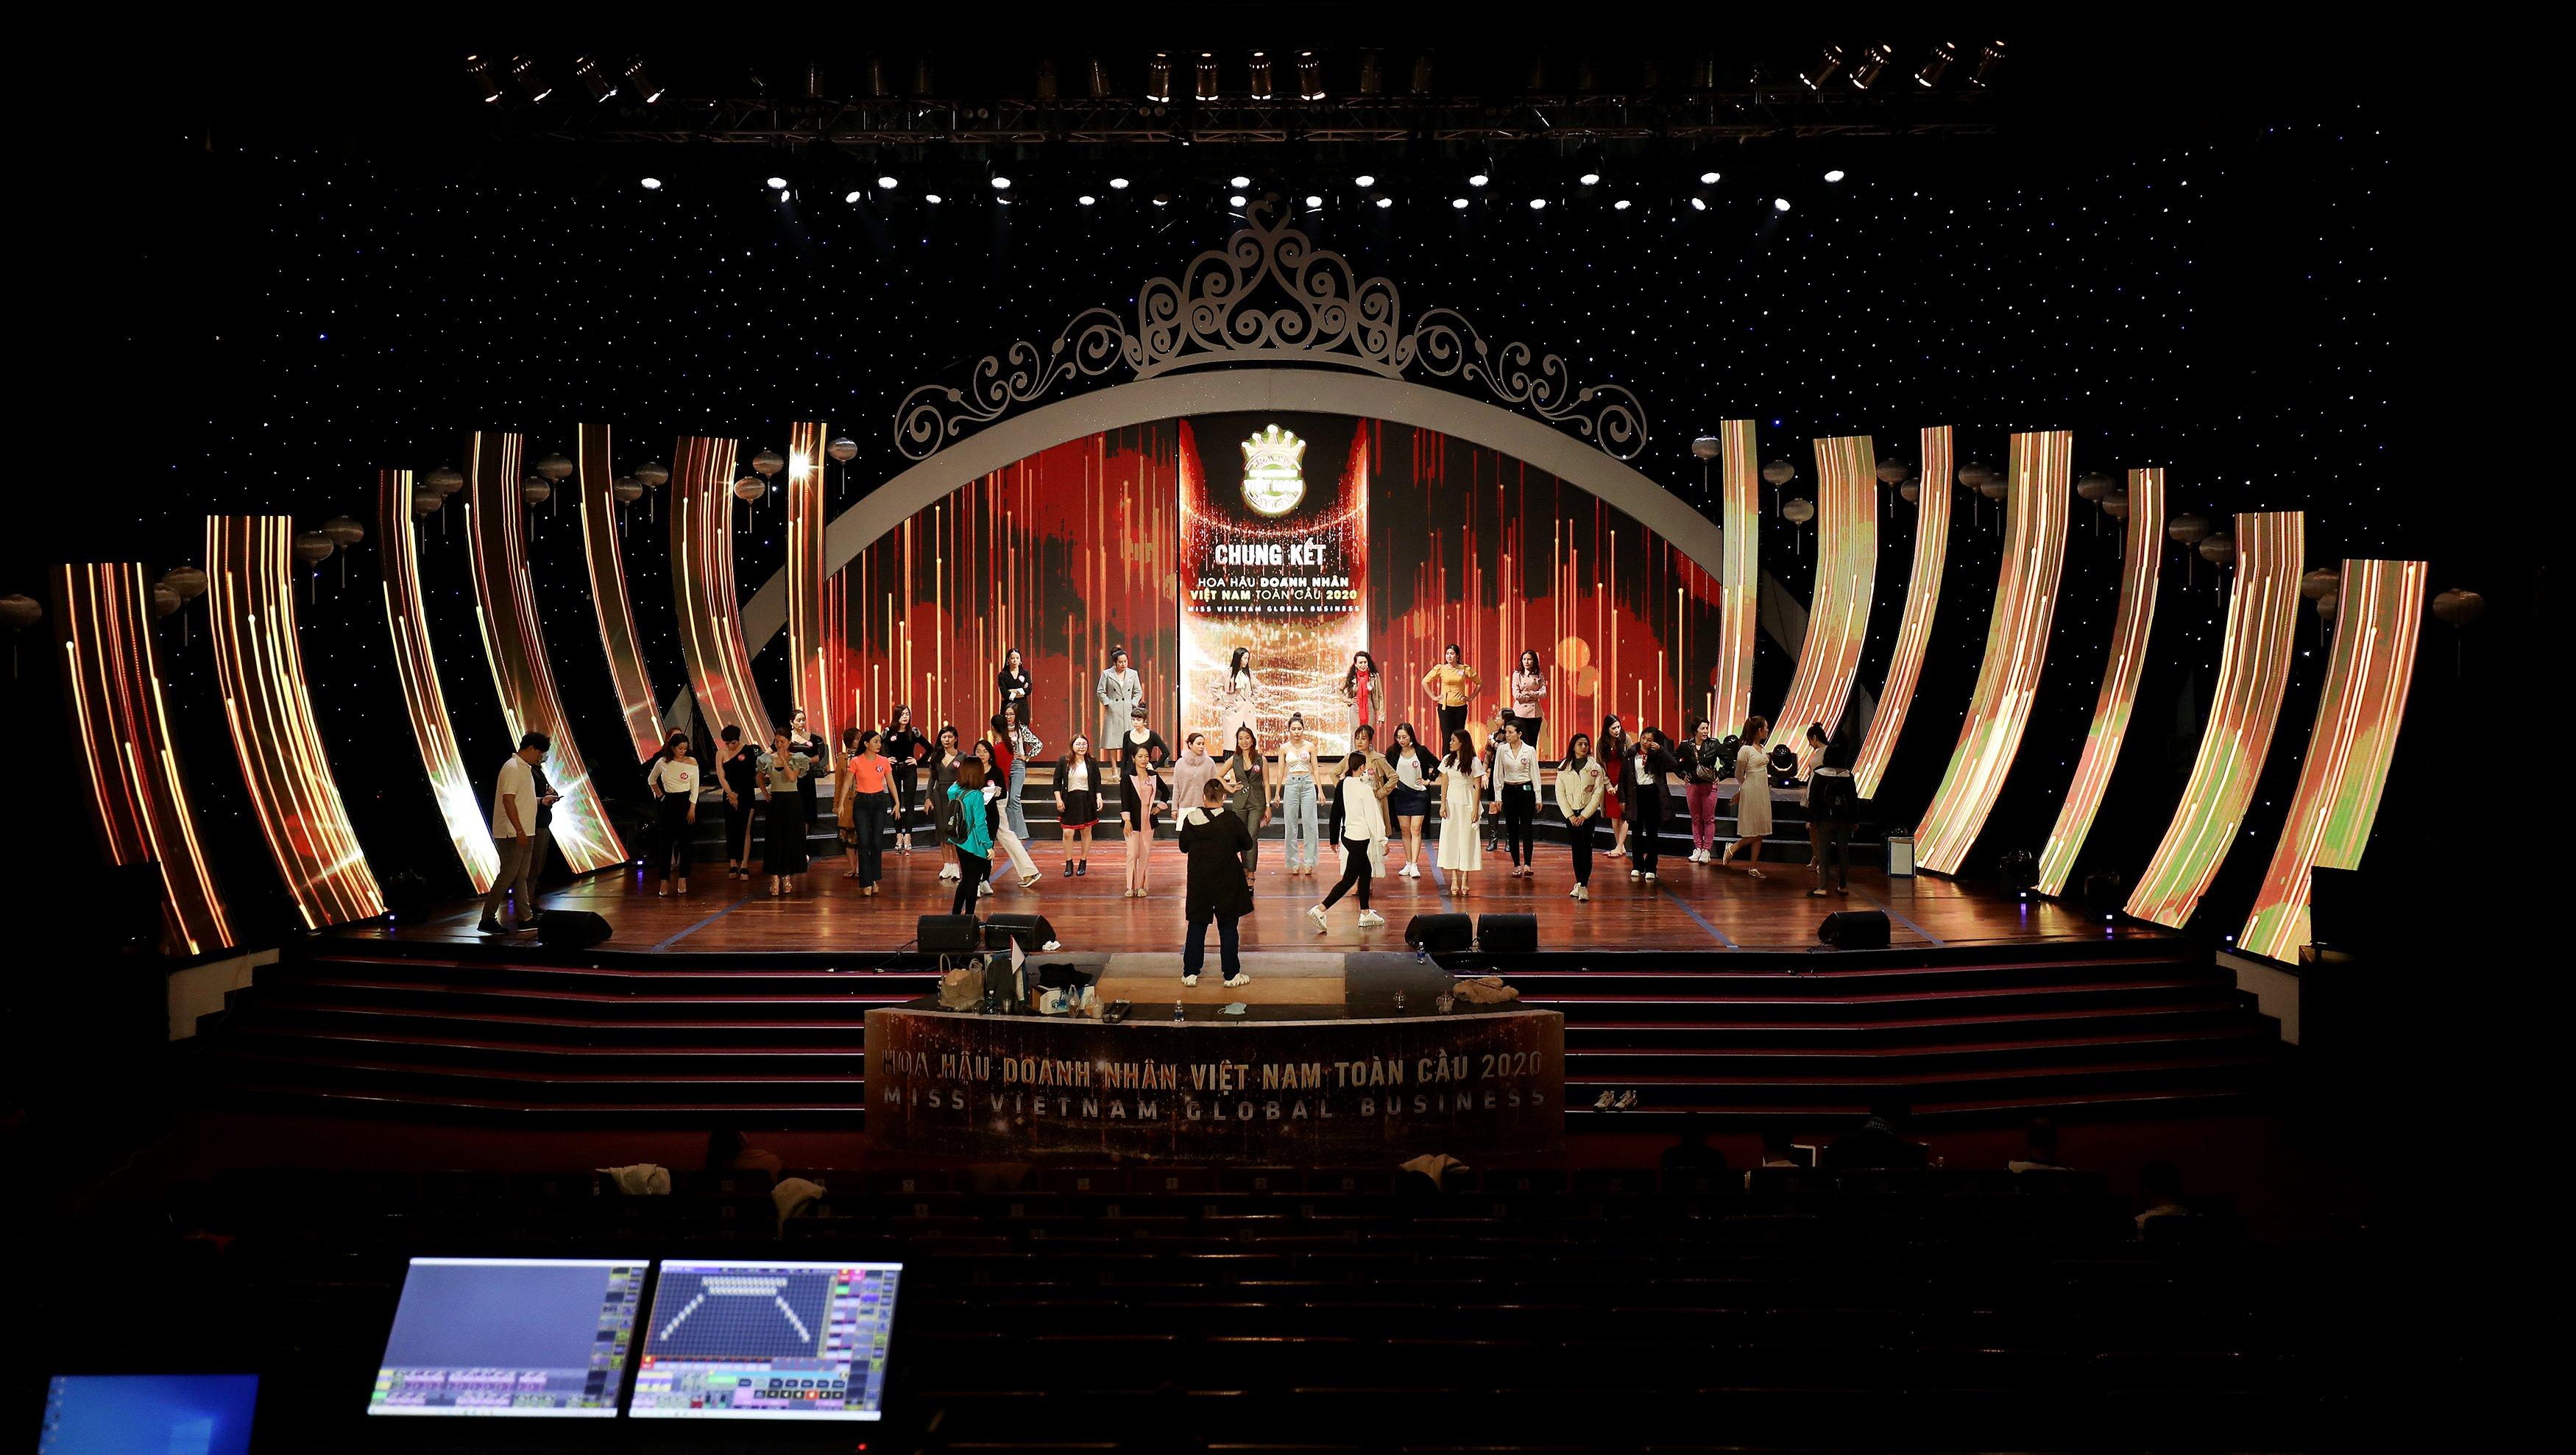 Chung kết Hoa hậu Doanh nhân Việt Nam Toàn cầu 2020 sẽ được trực tiếp trên VTV8